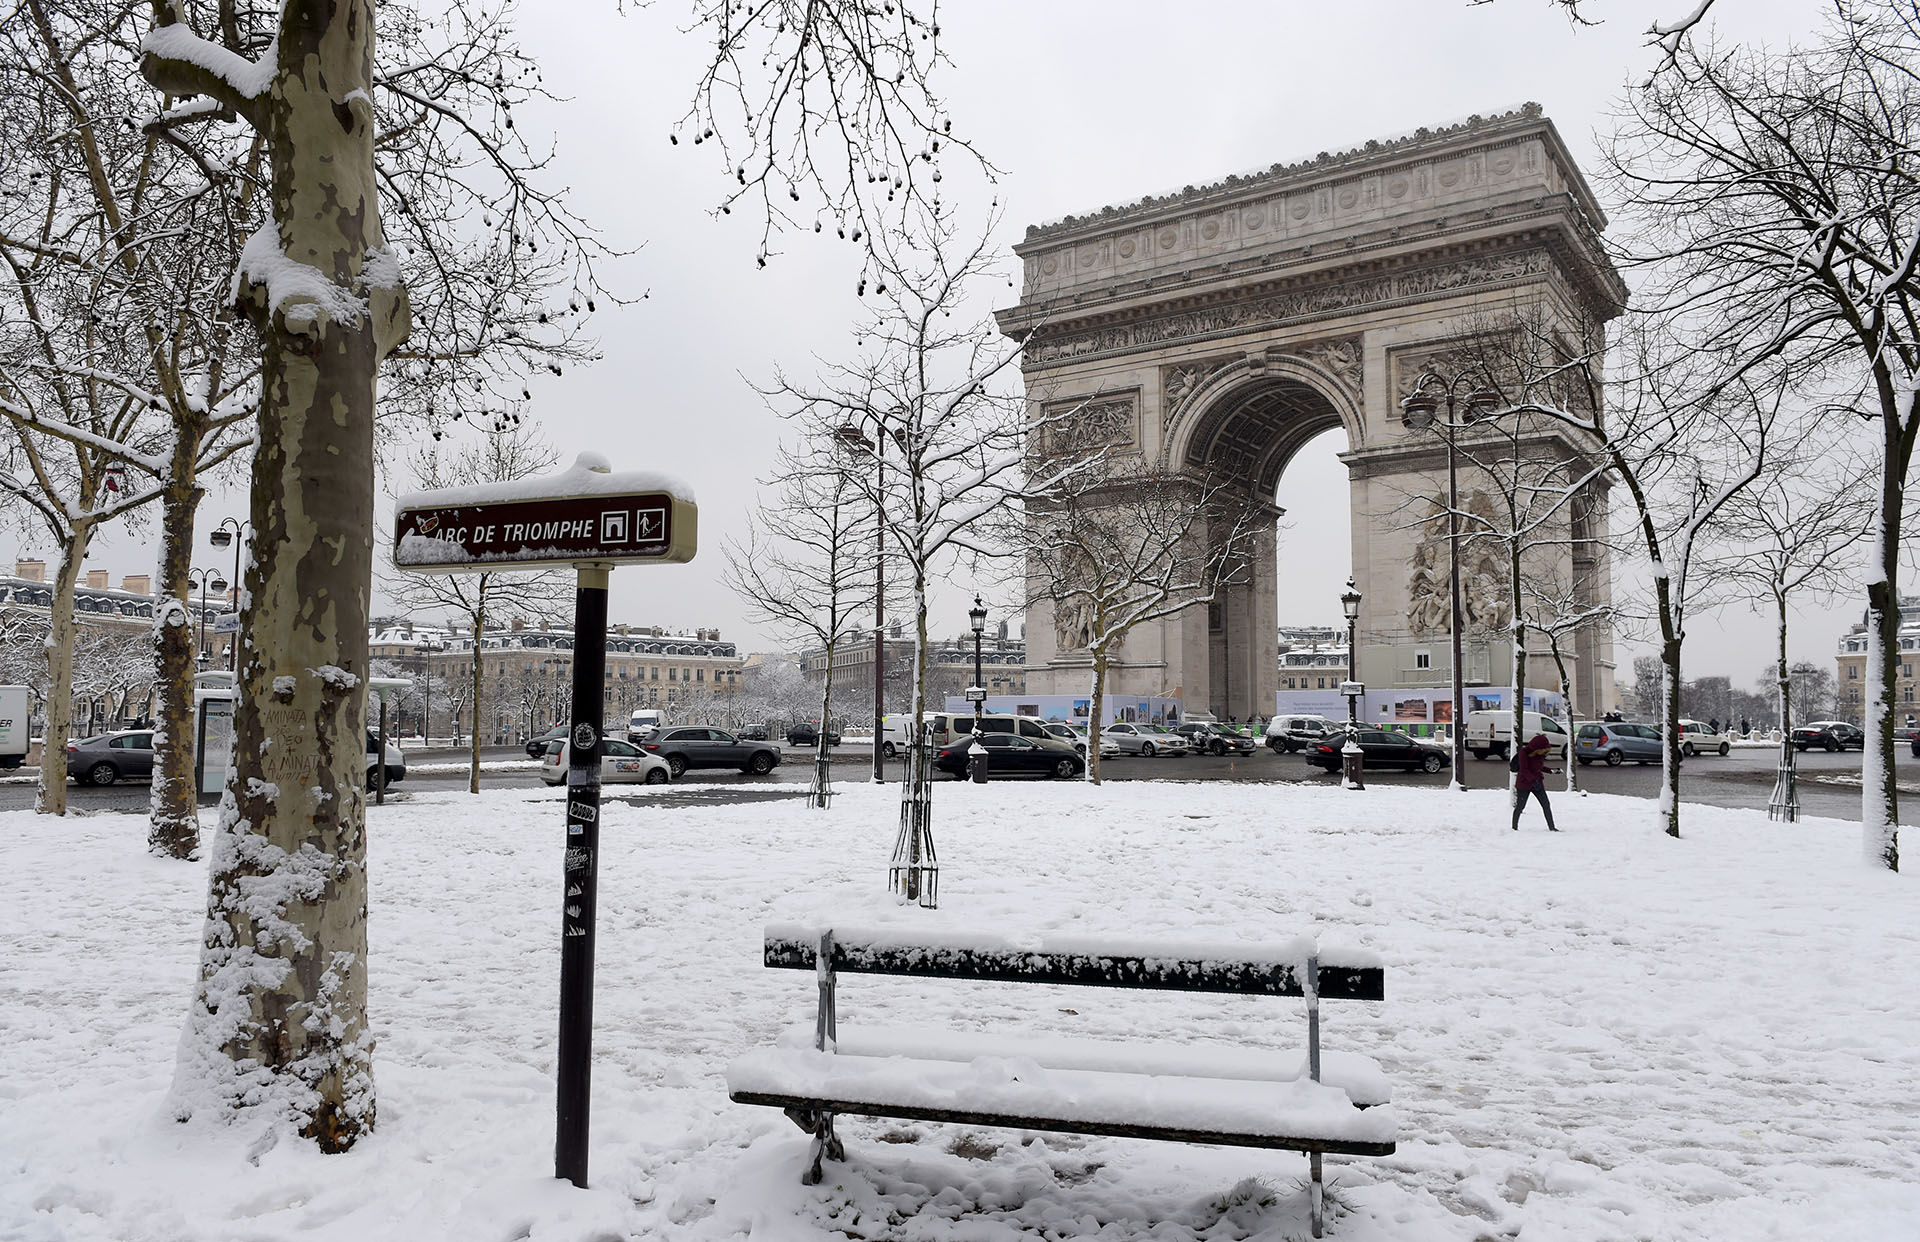 قوس النصر، في بطاقة بريدية باريسية أخرى تظهر لون أبيض غير عادي